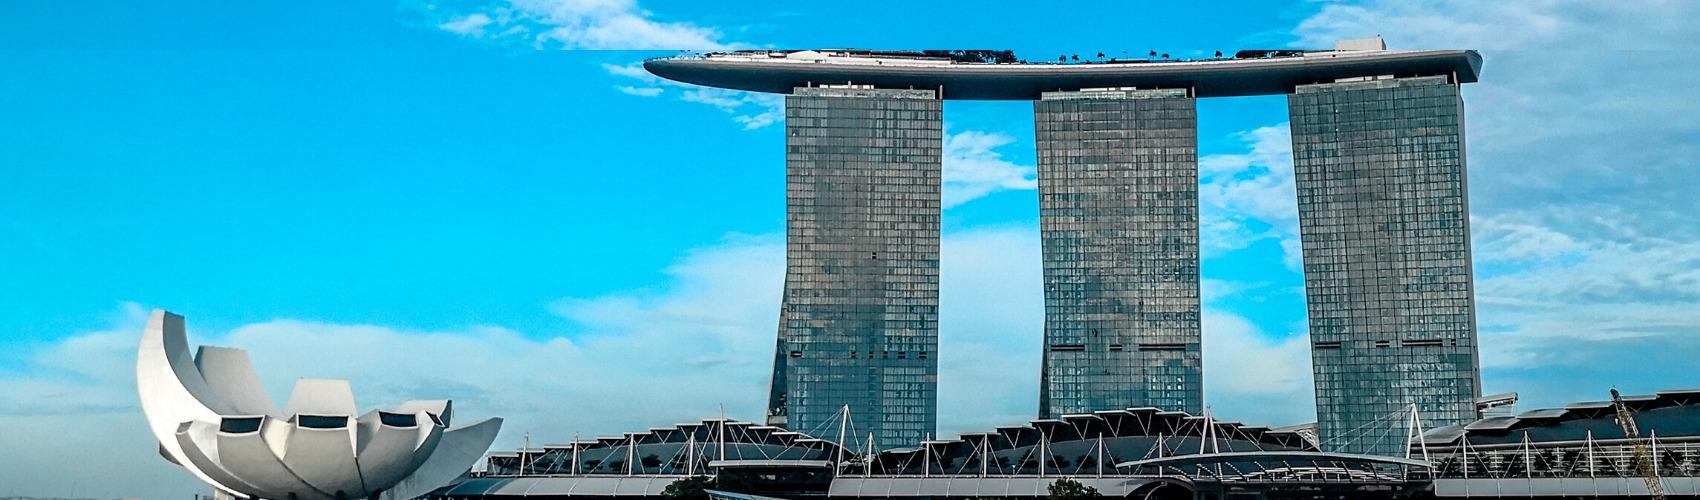 シンガポールの画像